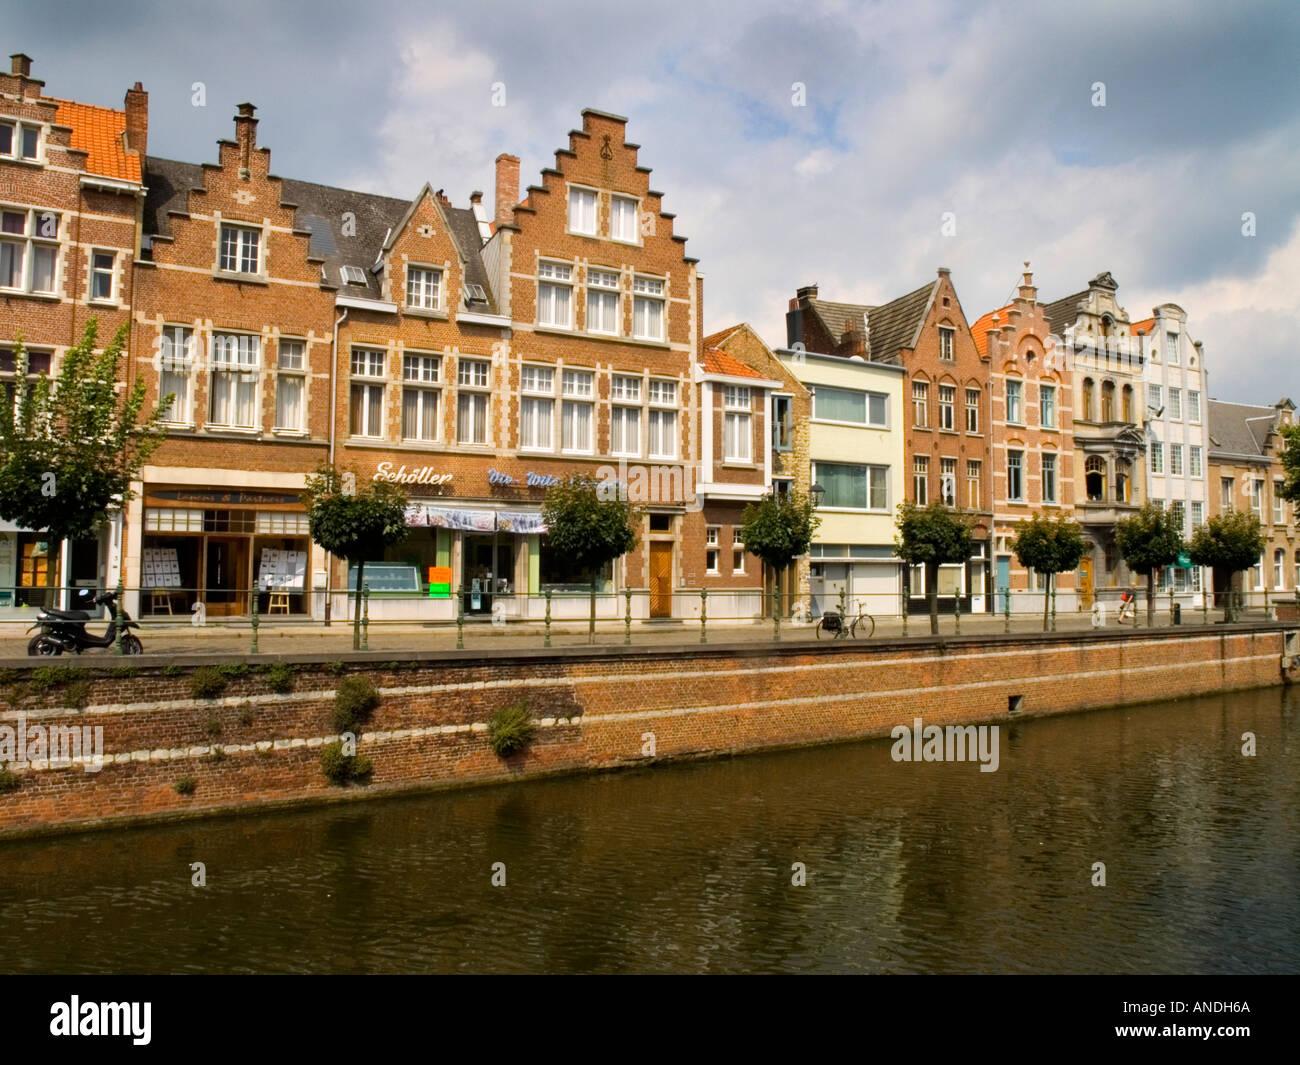 Vieille ville Lier Belgique voyages architecture architecte ...